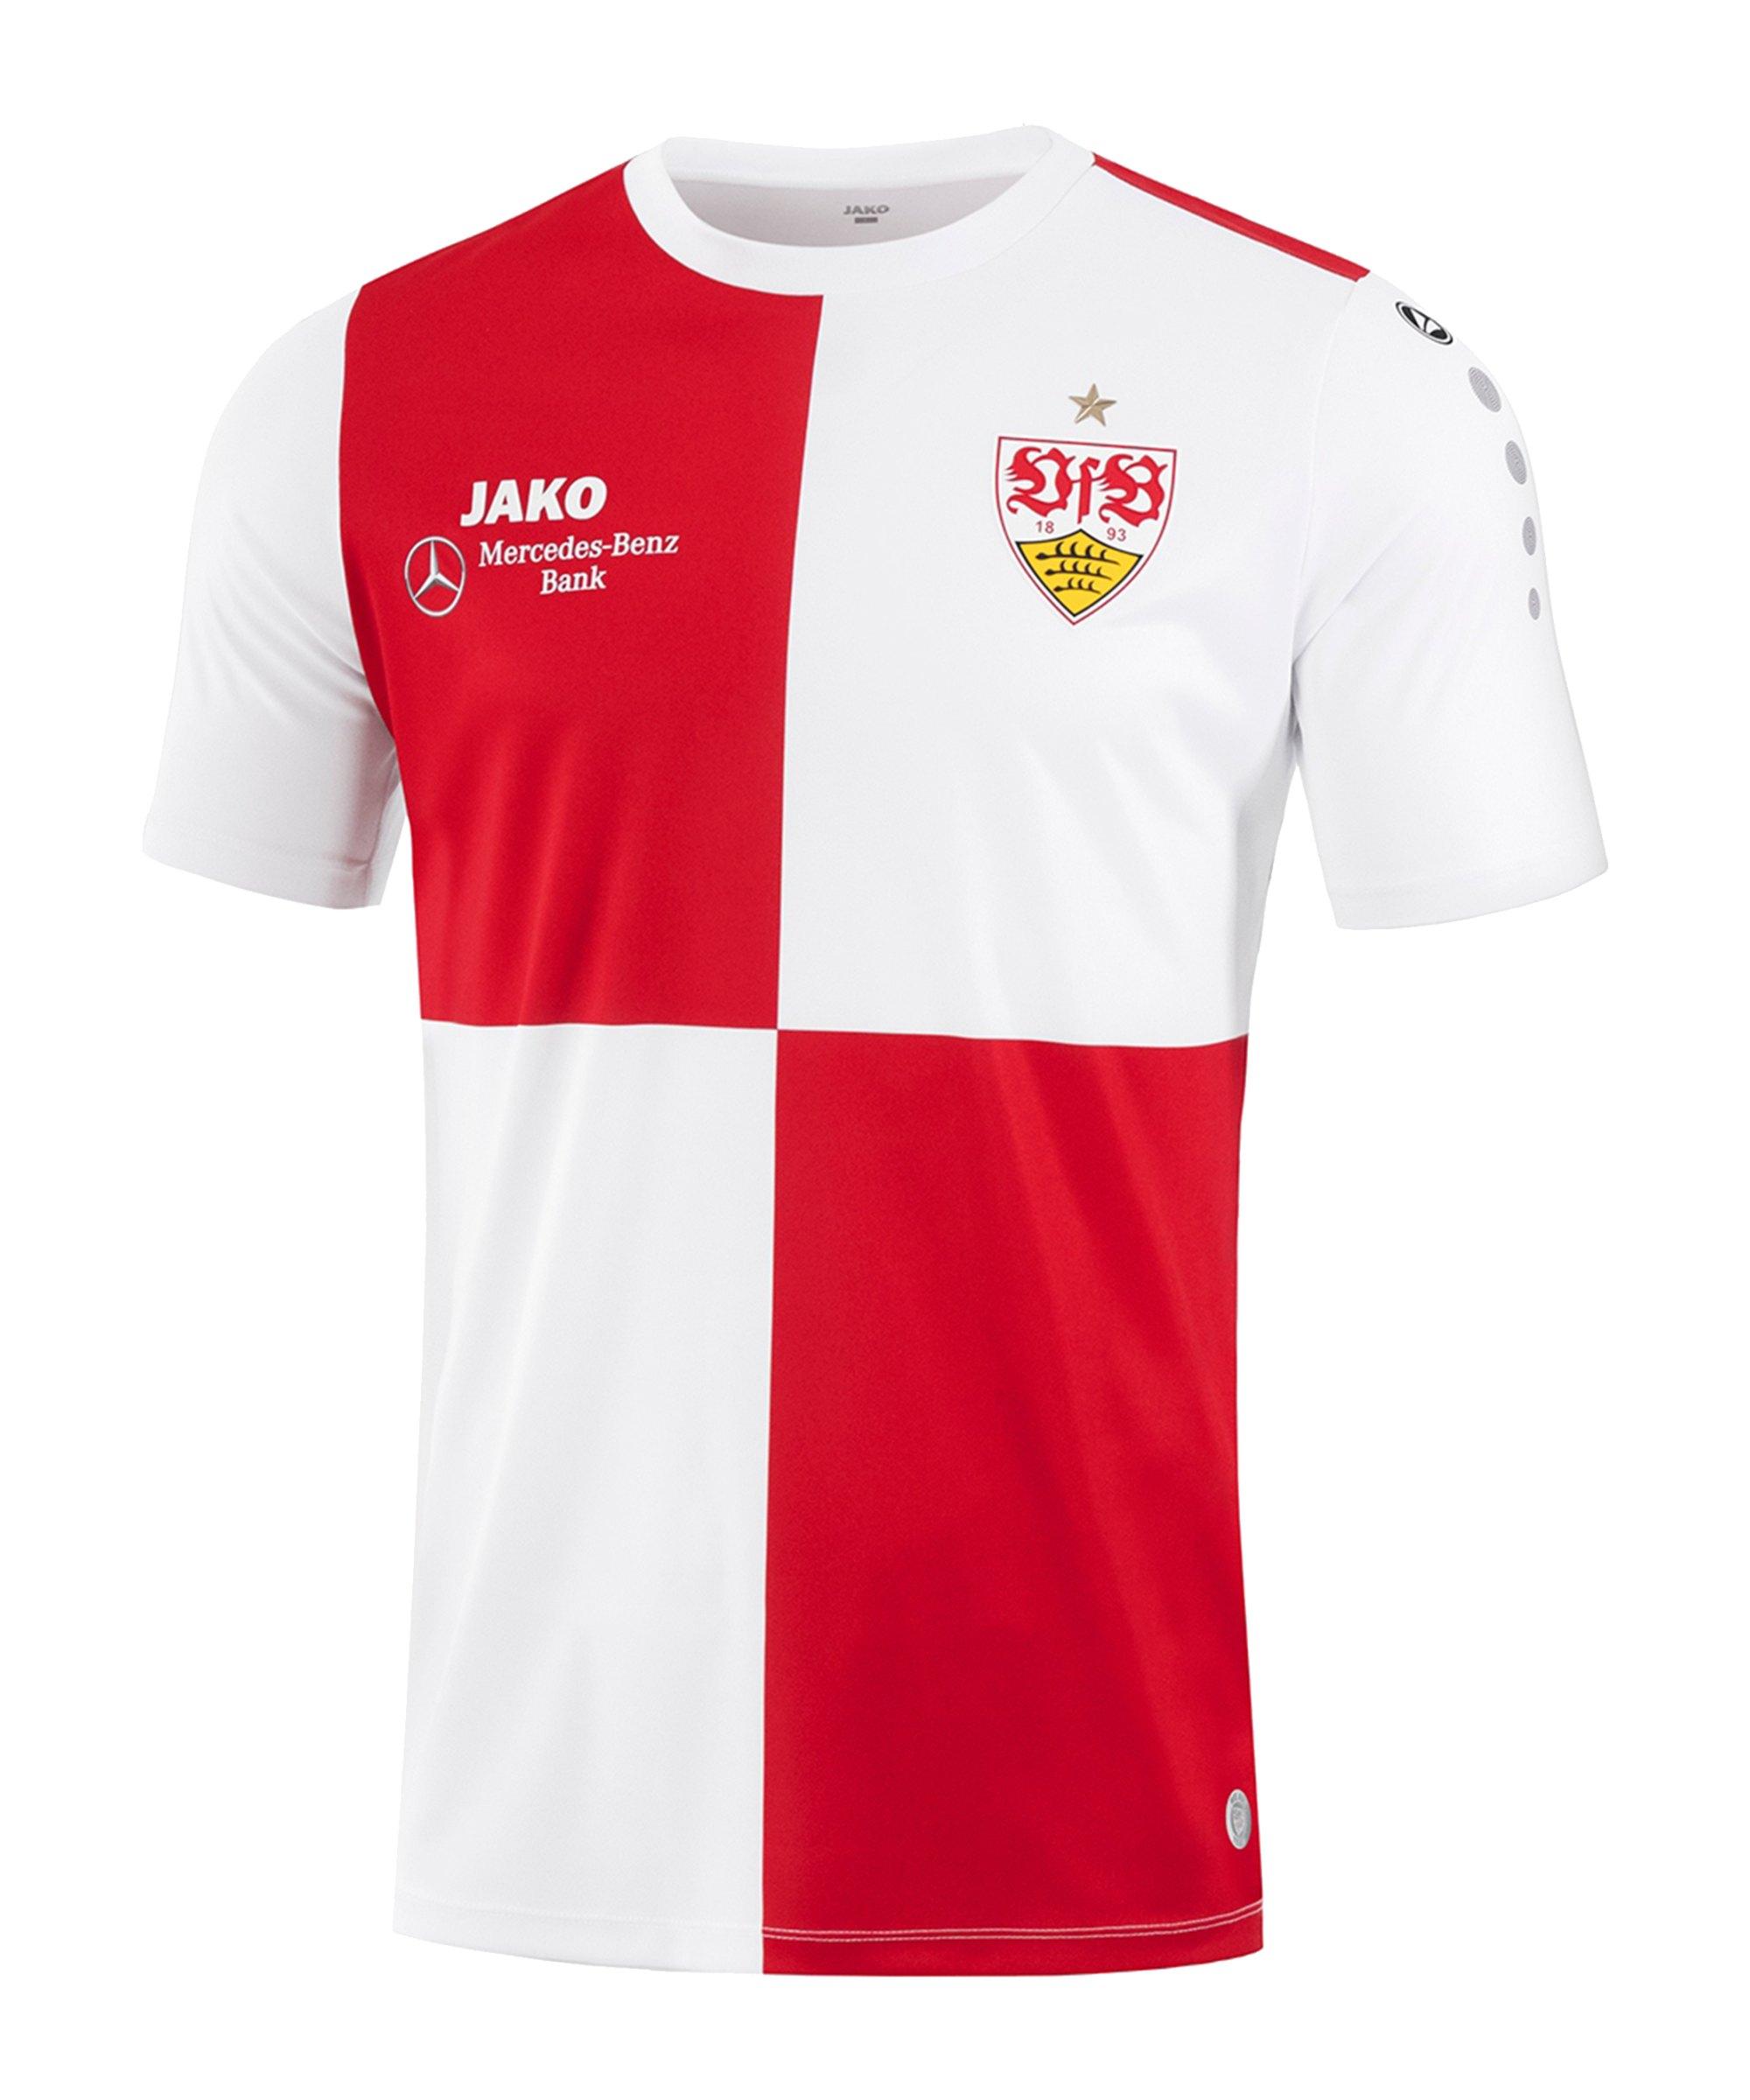 JAKO VfB Stuttgart Warm-Up T-Shirt 2021/2022 Weiss Rot F11 - weiss